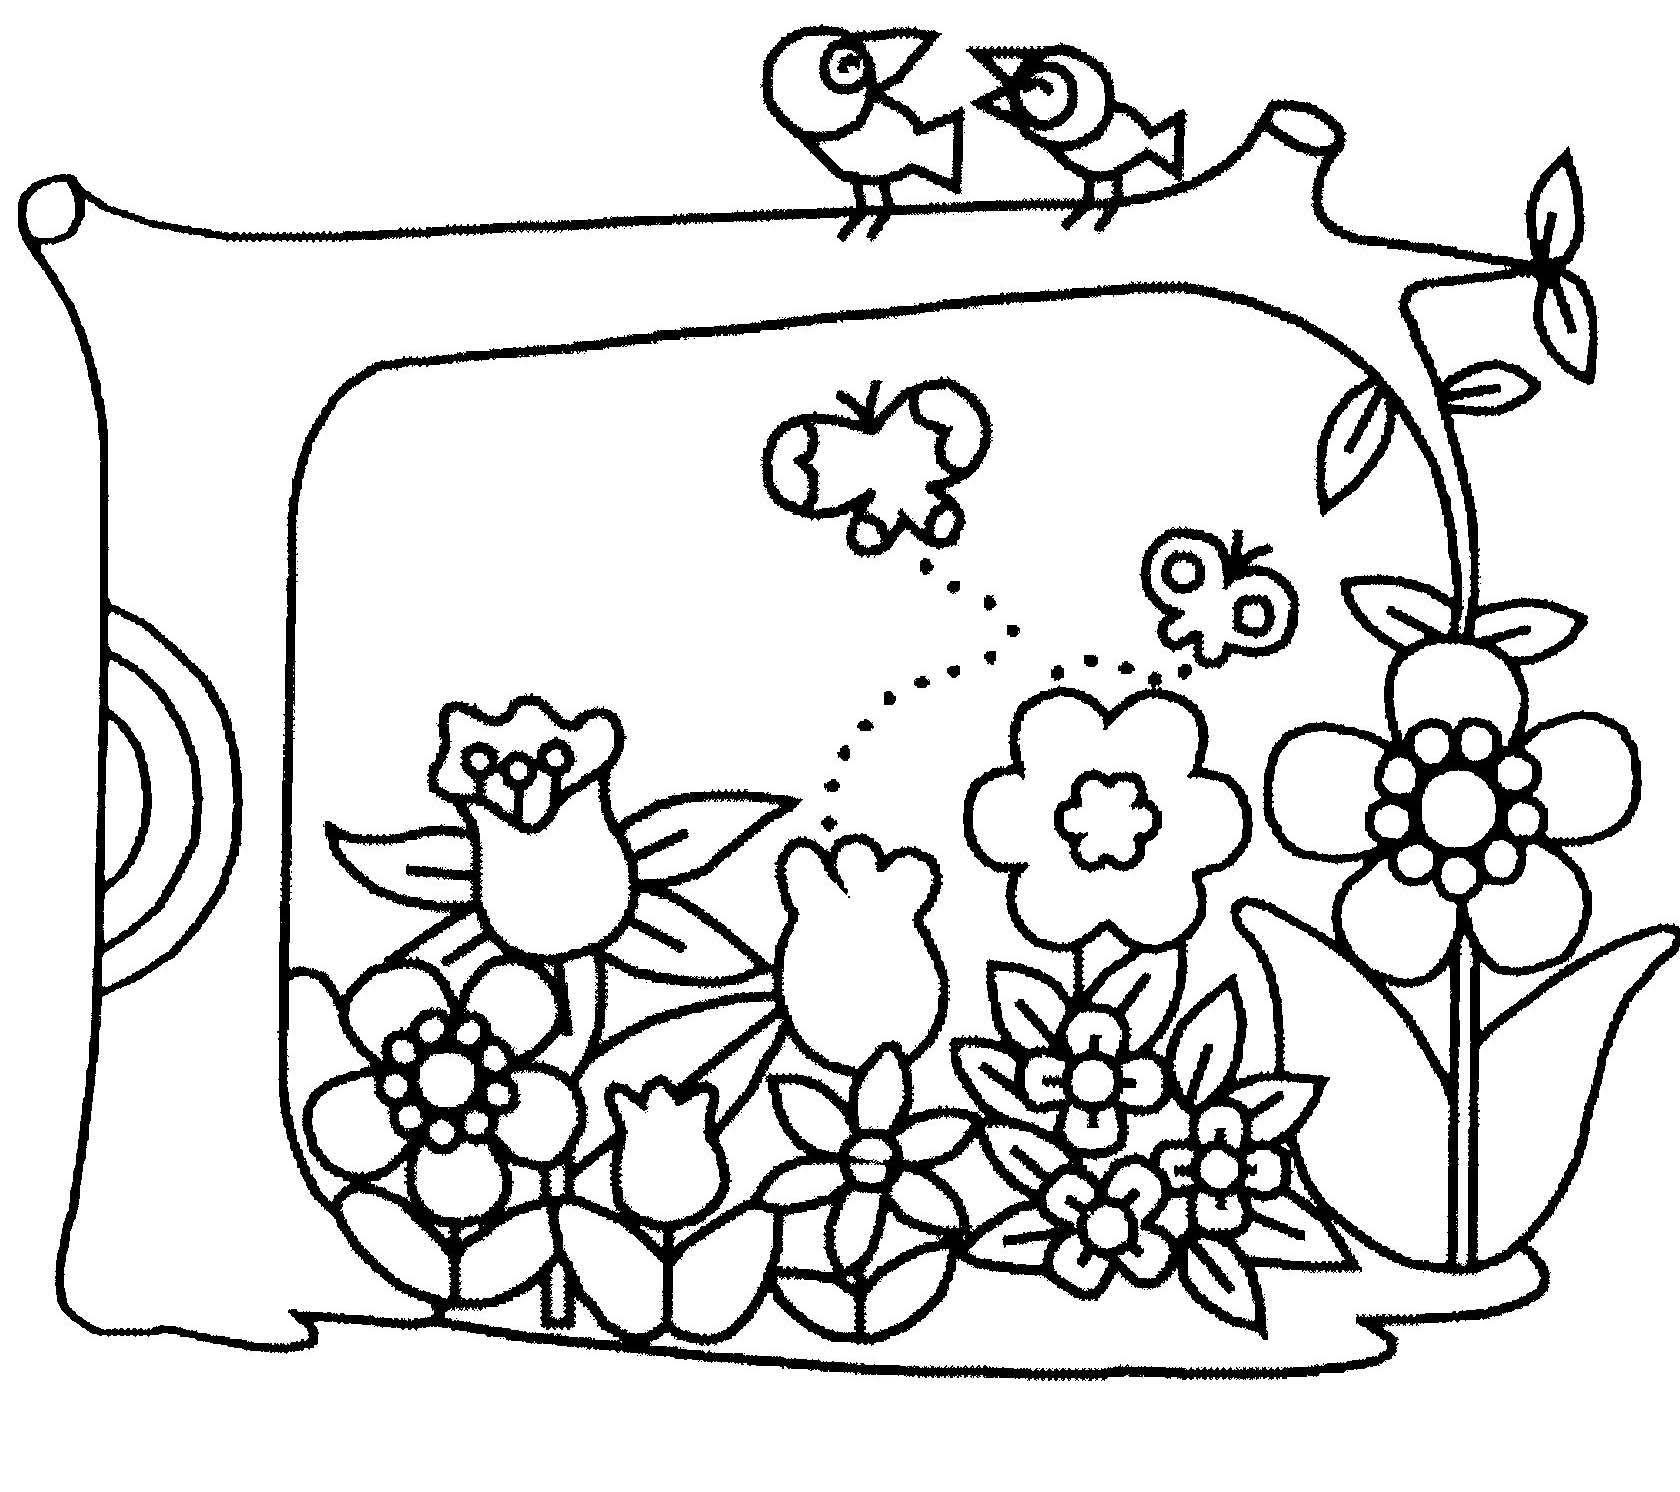 115 Dessins De Coloriage Fleur À Imprimer avec Dessin A Colorier De Fleur